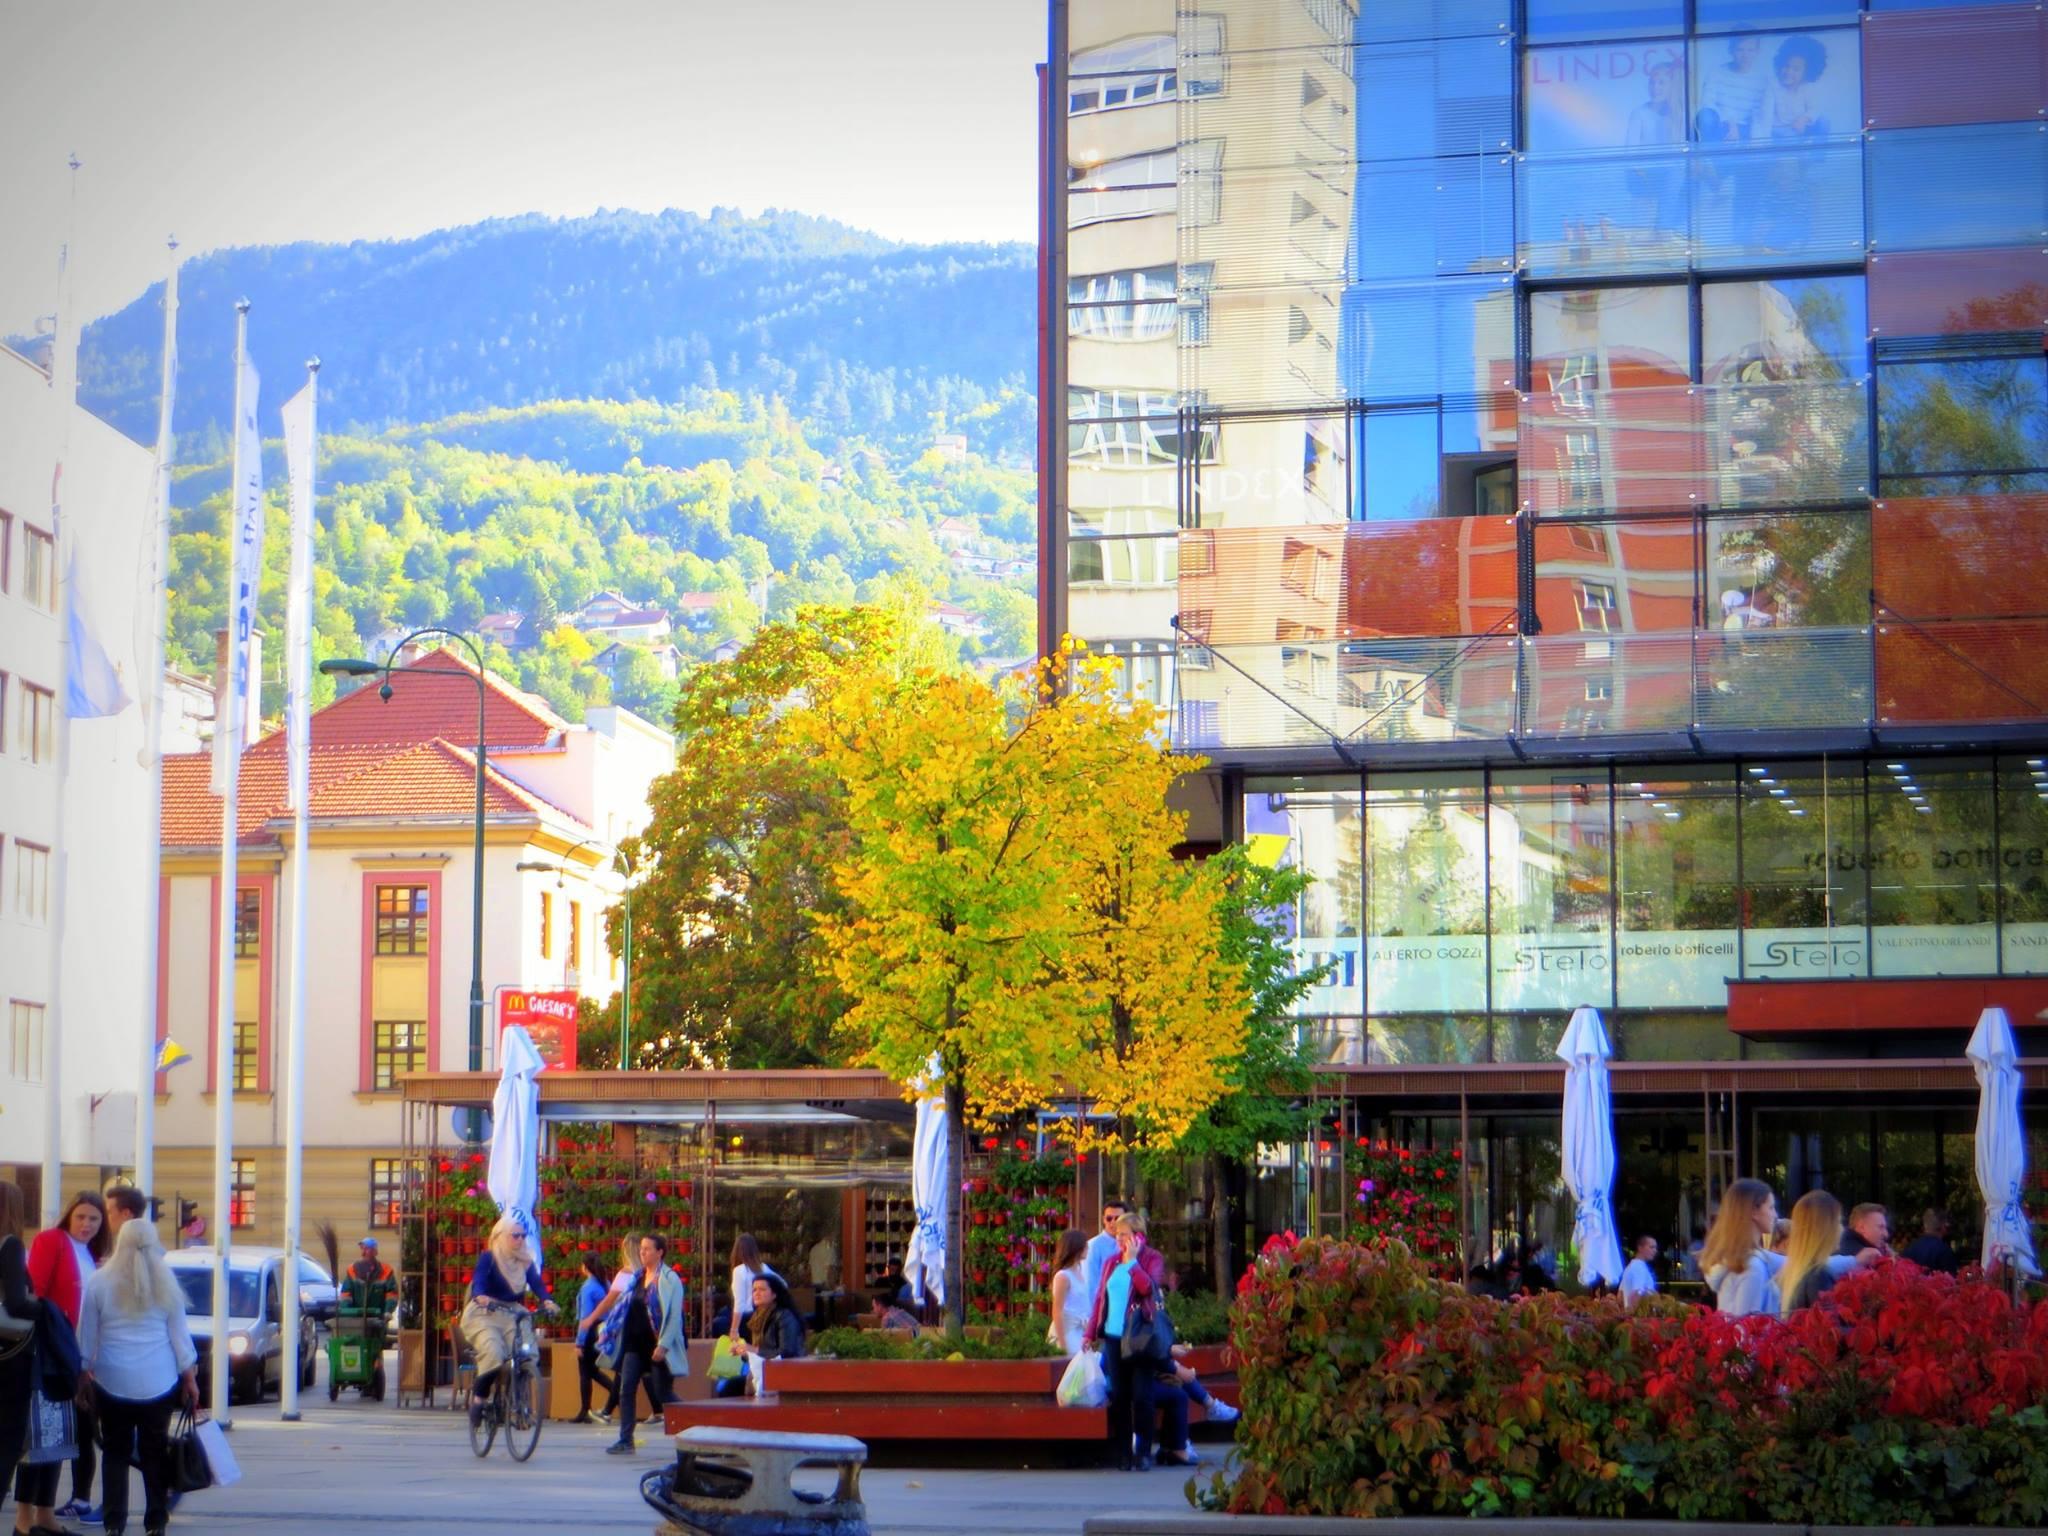 Sunčani četvrtak na Trgu djece Sarajeva (Sarajevo, 6. oktobar 2017, foto: Mina Ćorić)